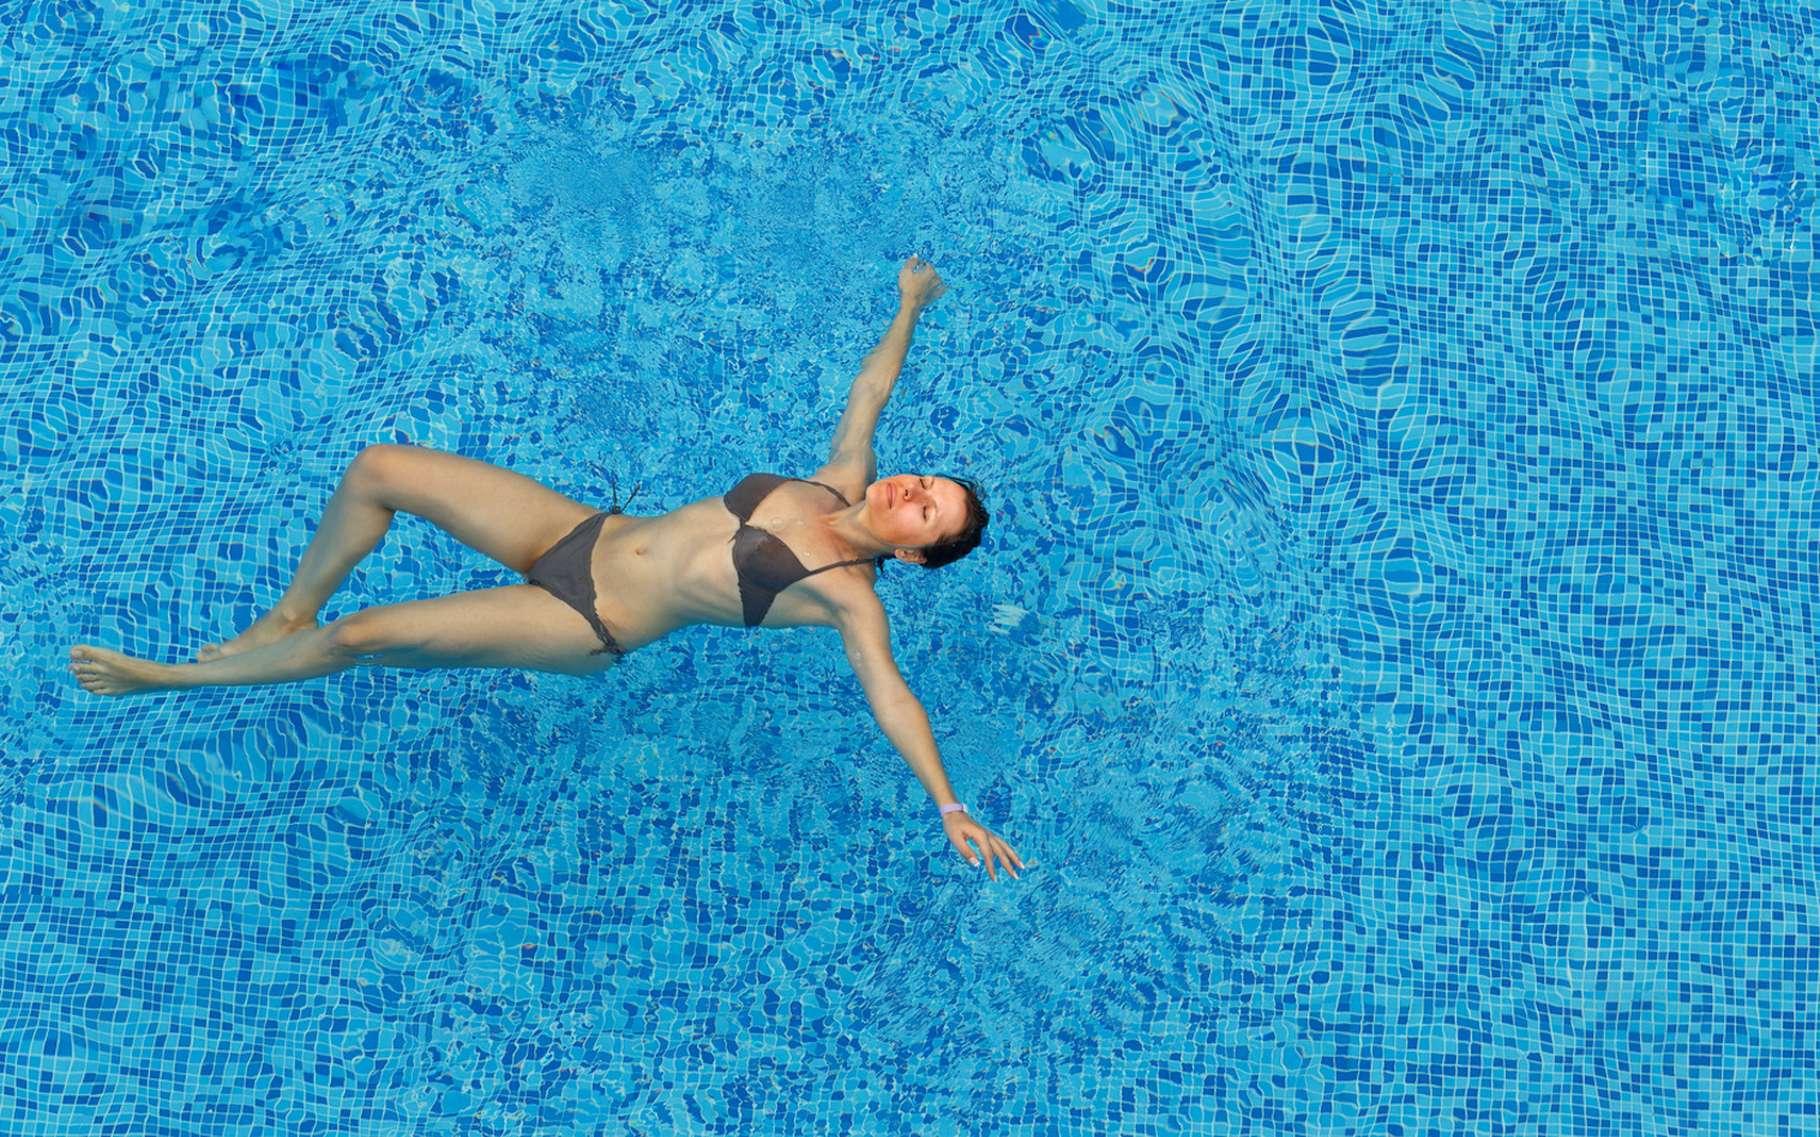 Parce que leur corps contient généralement plus de graisse, les femmes flottent mieux que les hommes. © vladstar, Fotolia